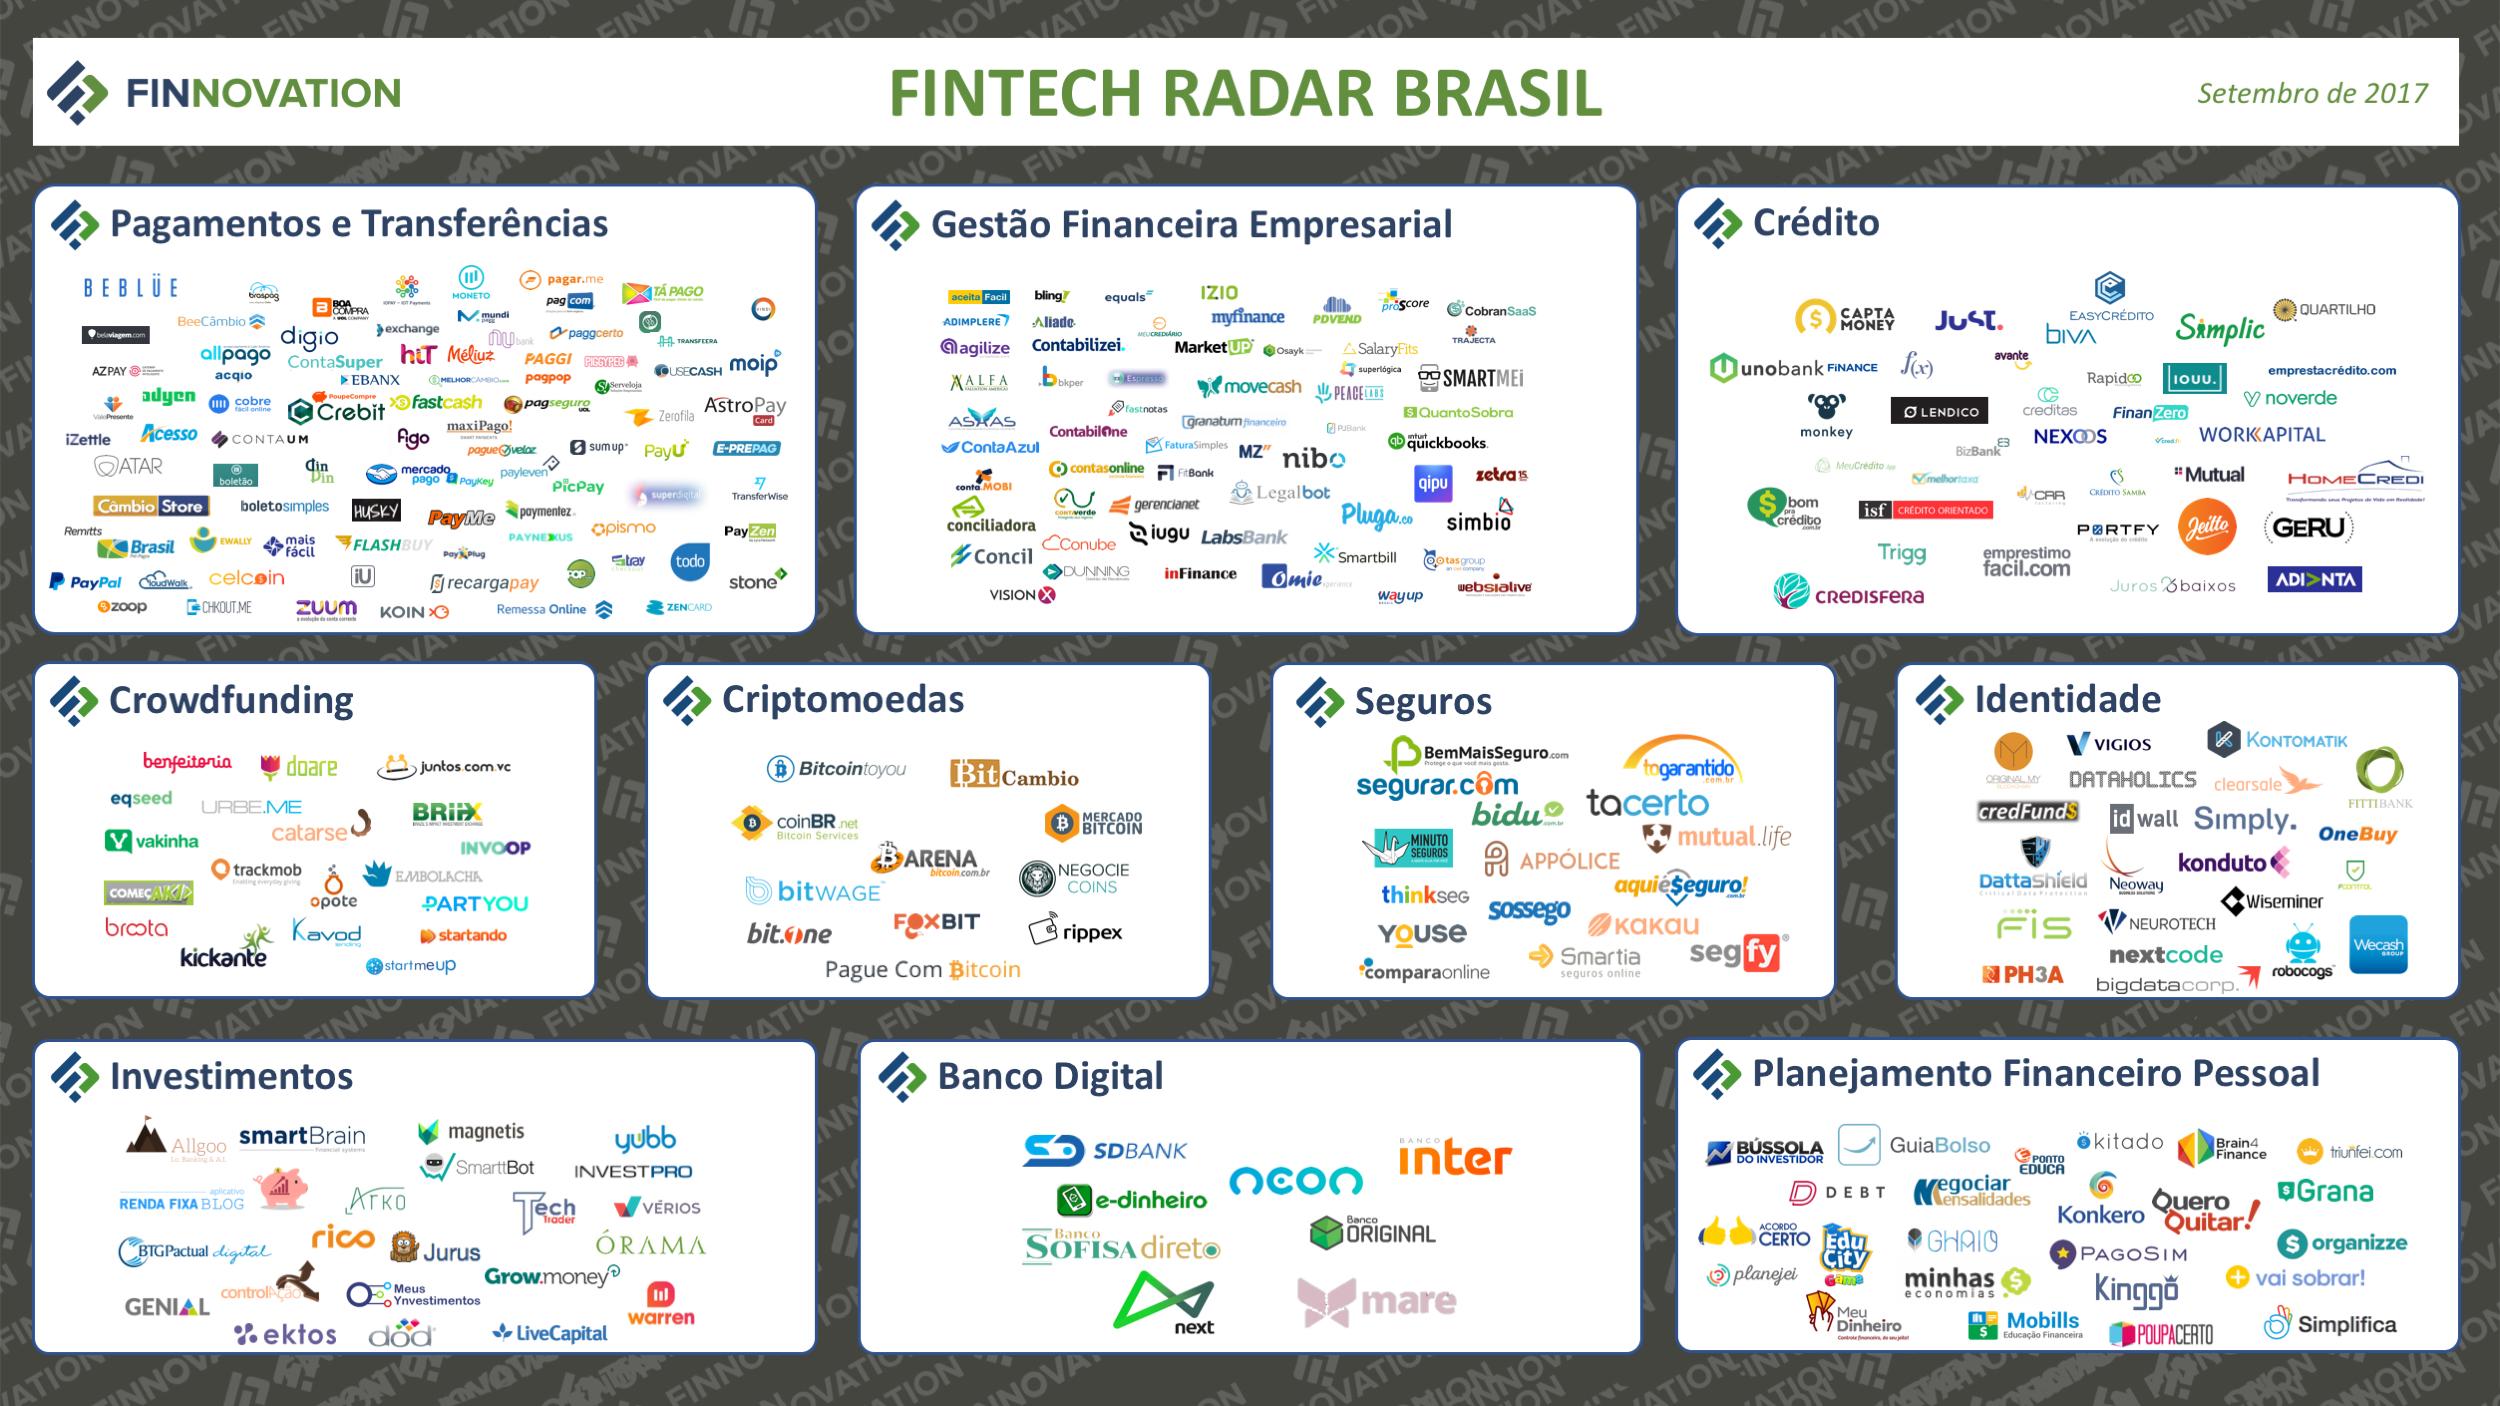 O que são Fintechs - Mapa de Fintechs no Brasil